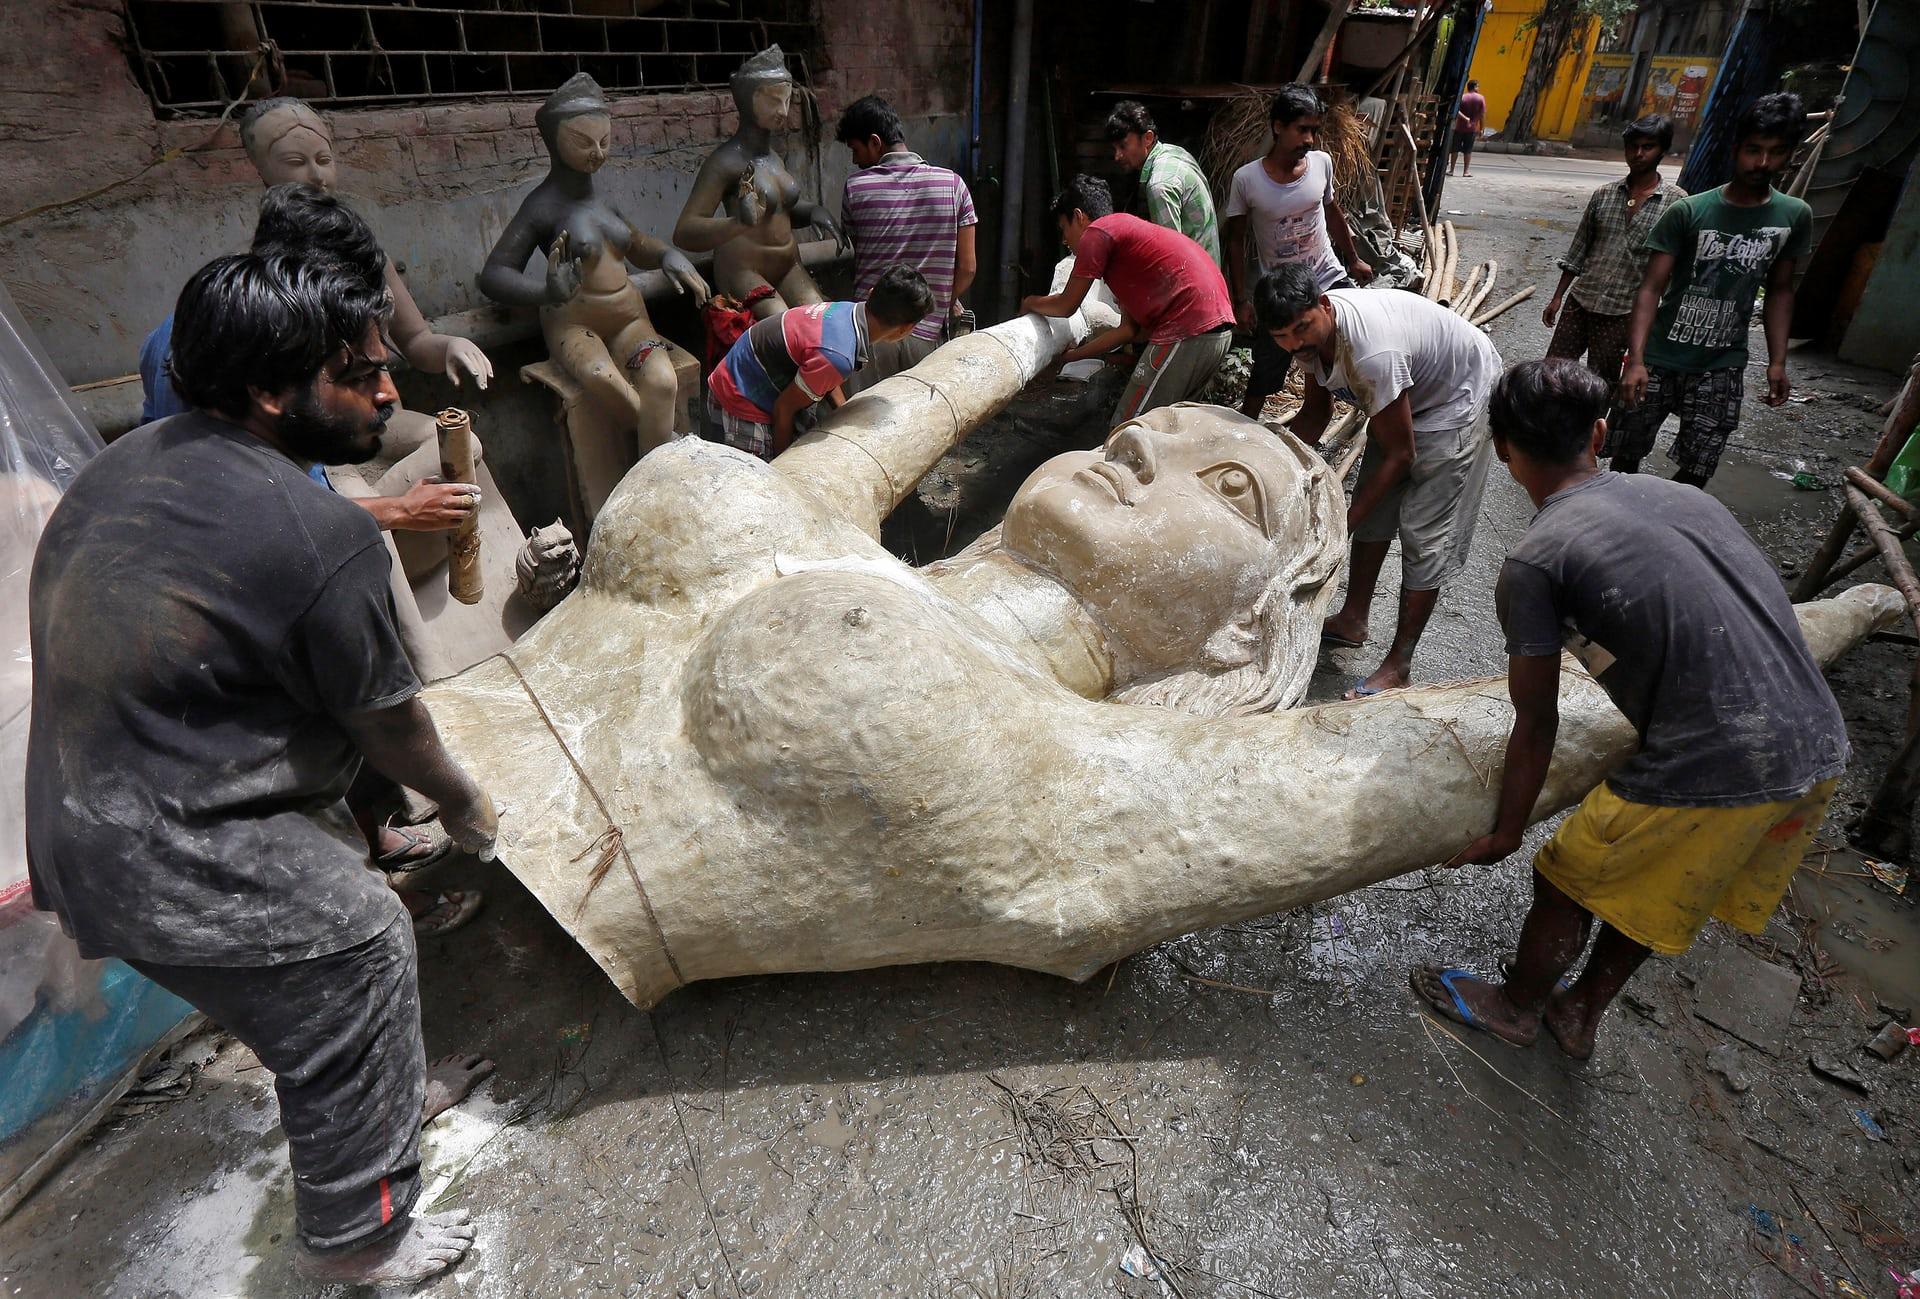 Il busto in vetroresina di una statua della dea indù Durga, portato in strada in vista dell'imminente Durga Puja Festival, la principale festività induista celebrata a Calcutta, in India